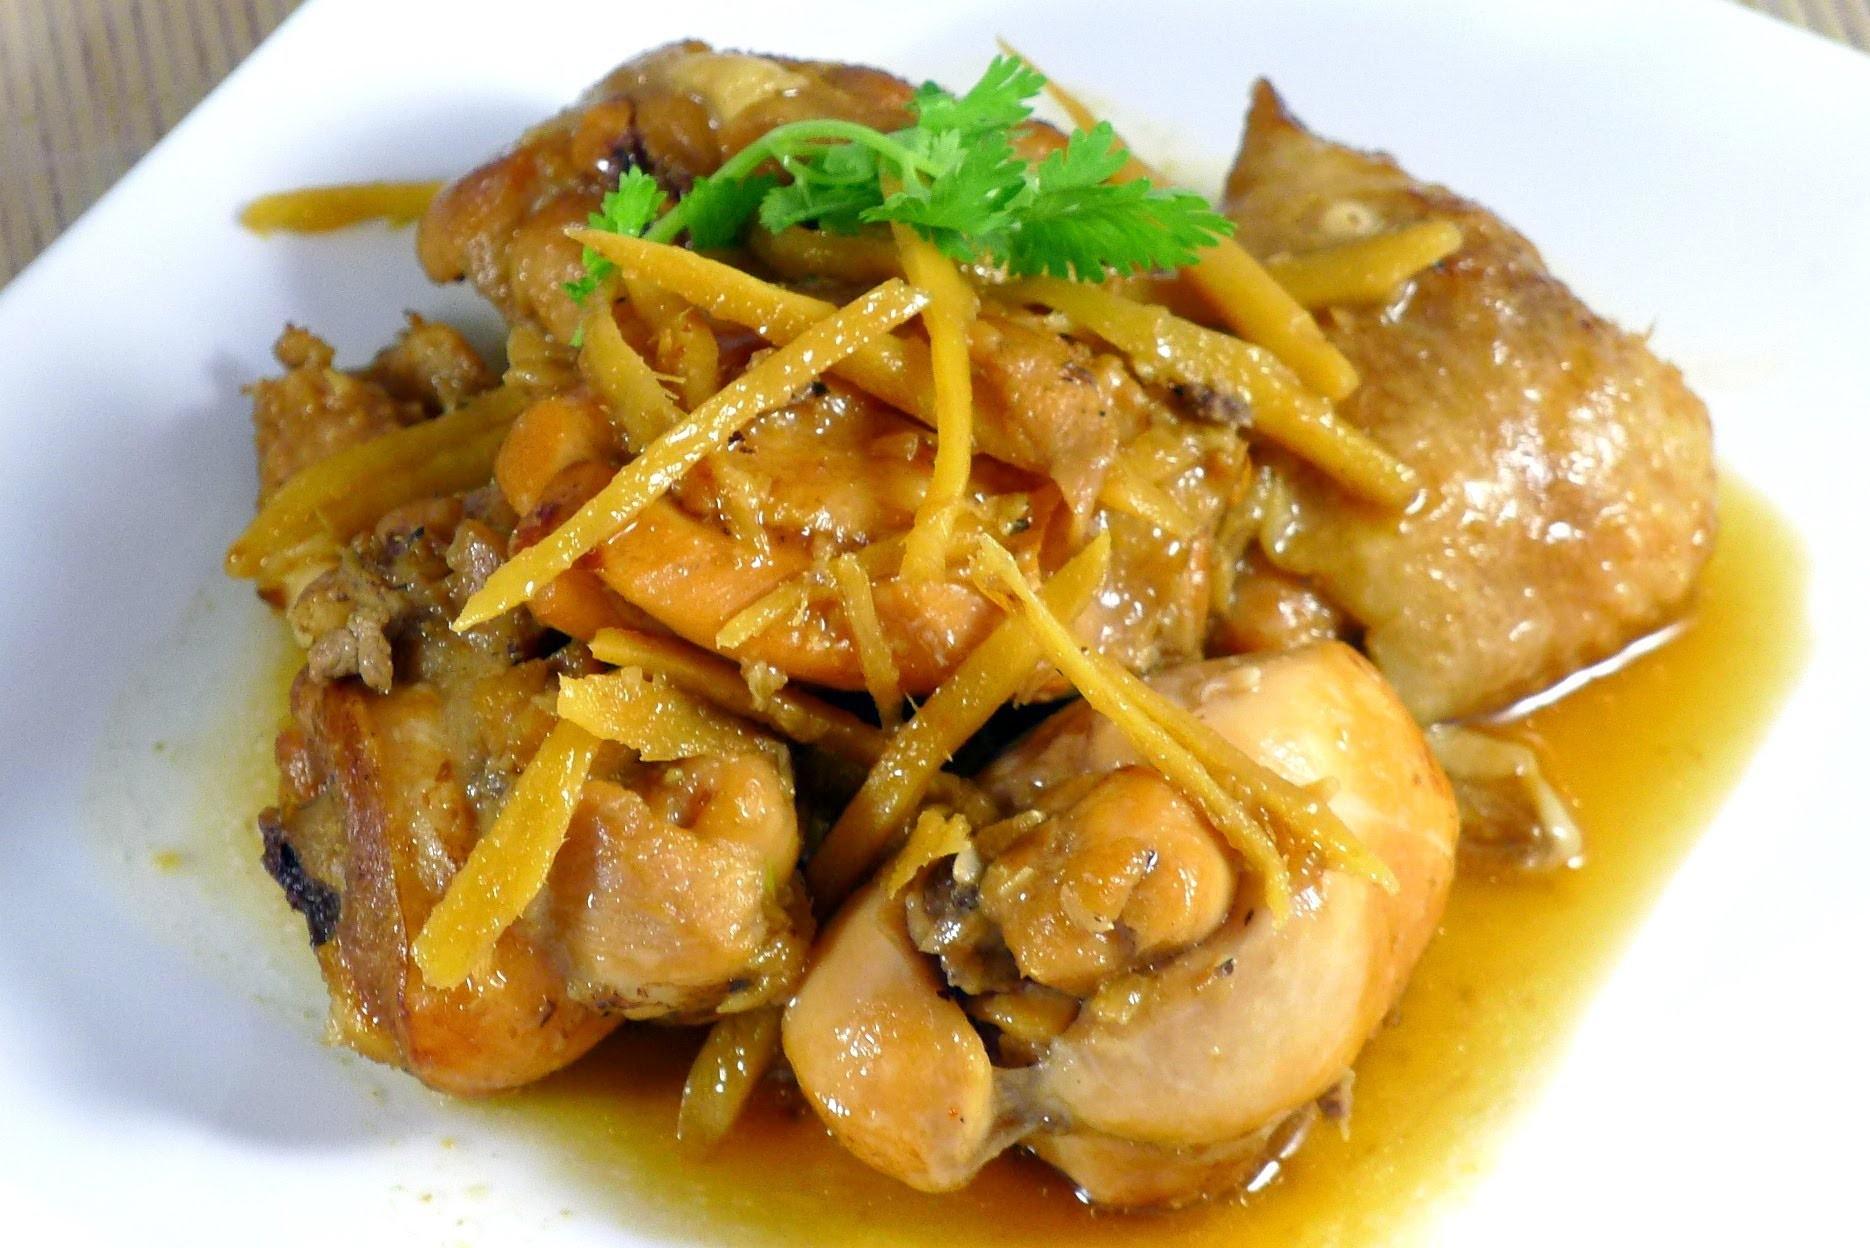 ginger chicken ga kho gung Cách làm gà rim mềm ngọt bảo đảm ăn là hết cơm